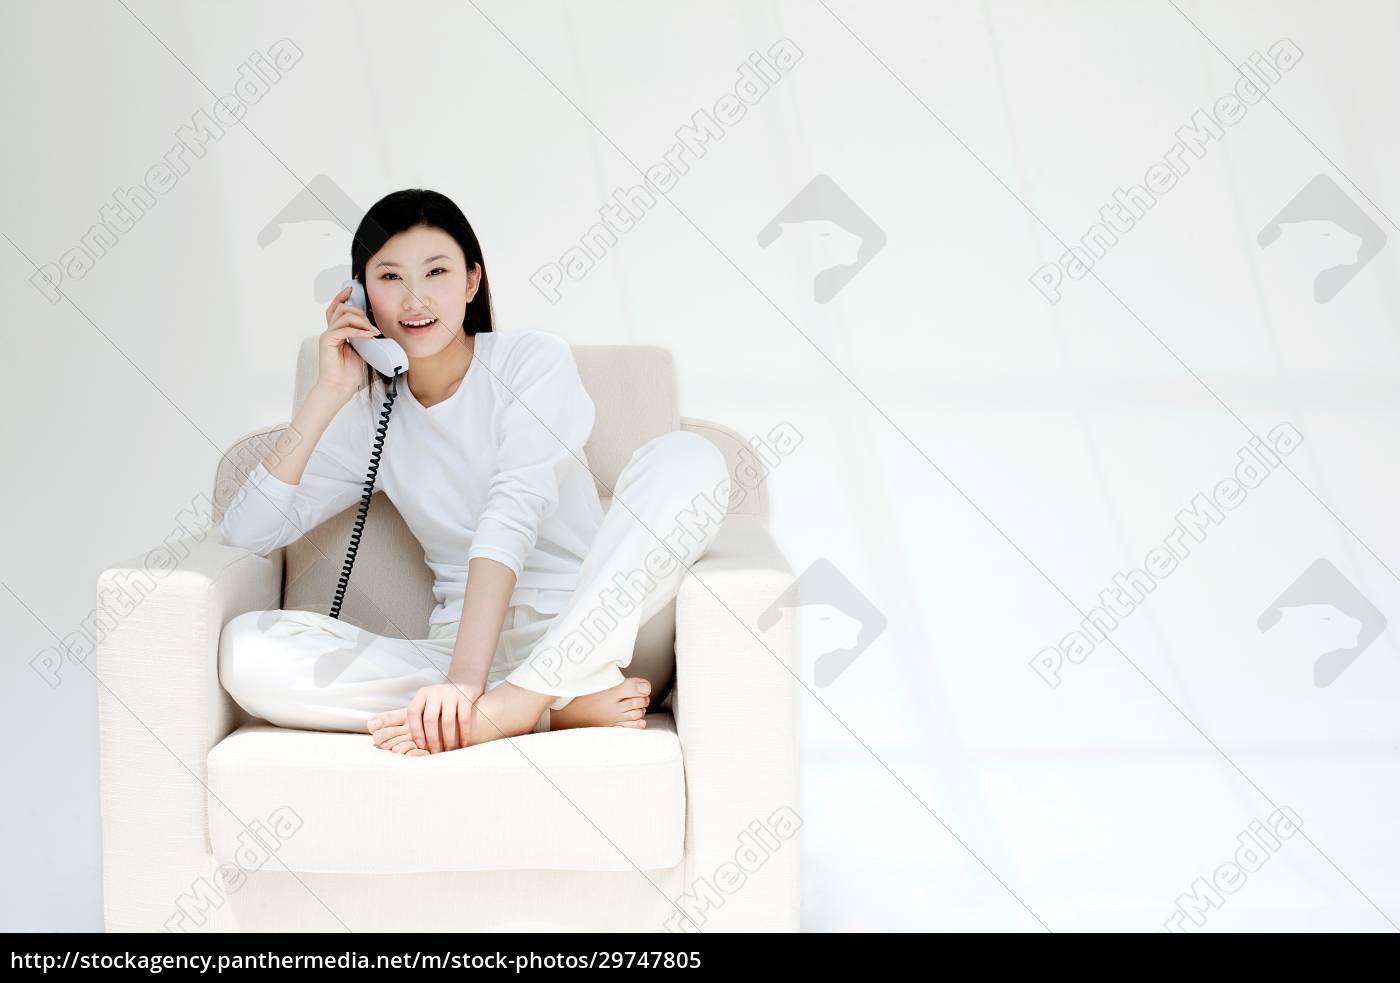 buona, vita, domestica - 29747805